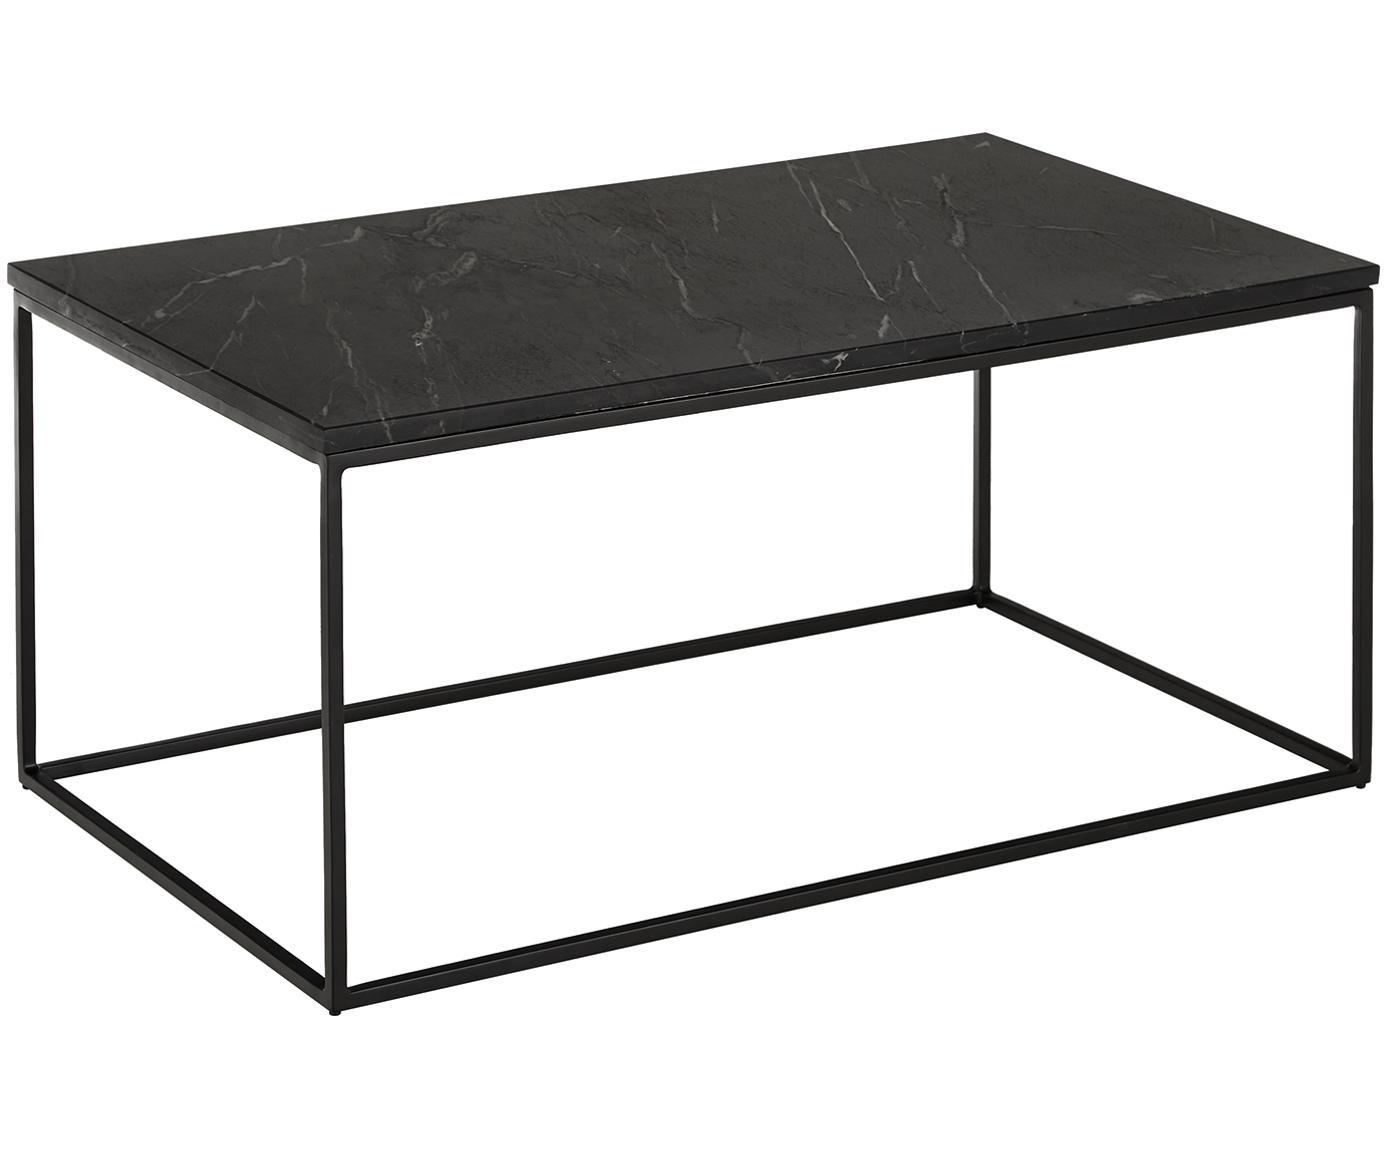 Stolik kawowy z marmuru Alys, Blat: marmur, Stelaż: metal malowany proszkowo, Blat: czarny marmur, lekko błyszczący Stelaż: czarny, matowy, S 80 x W 45 cm